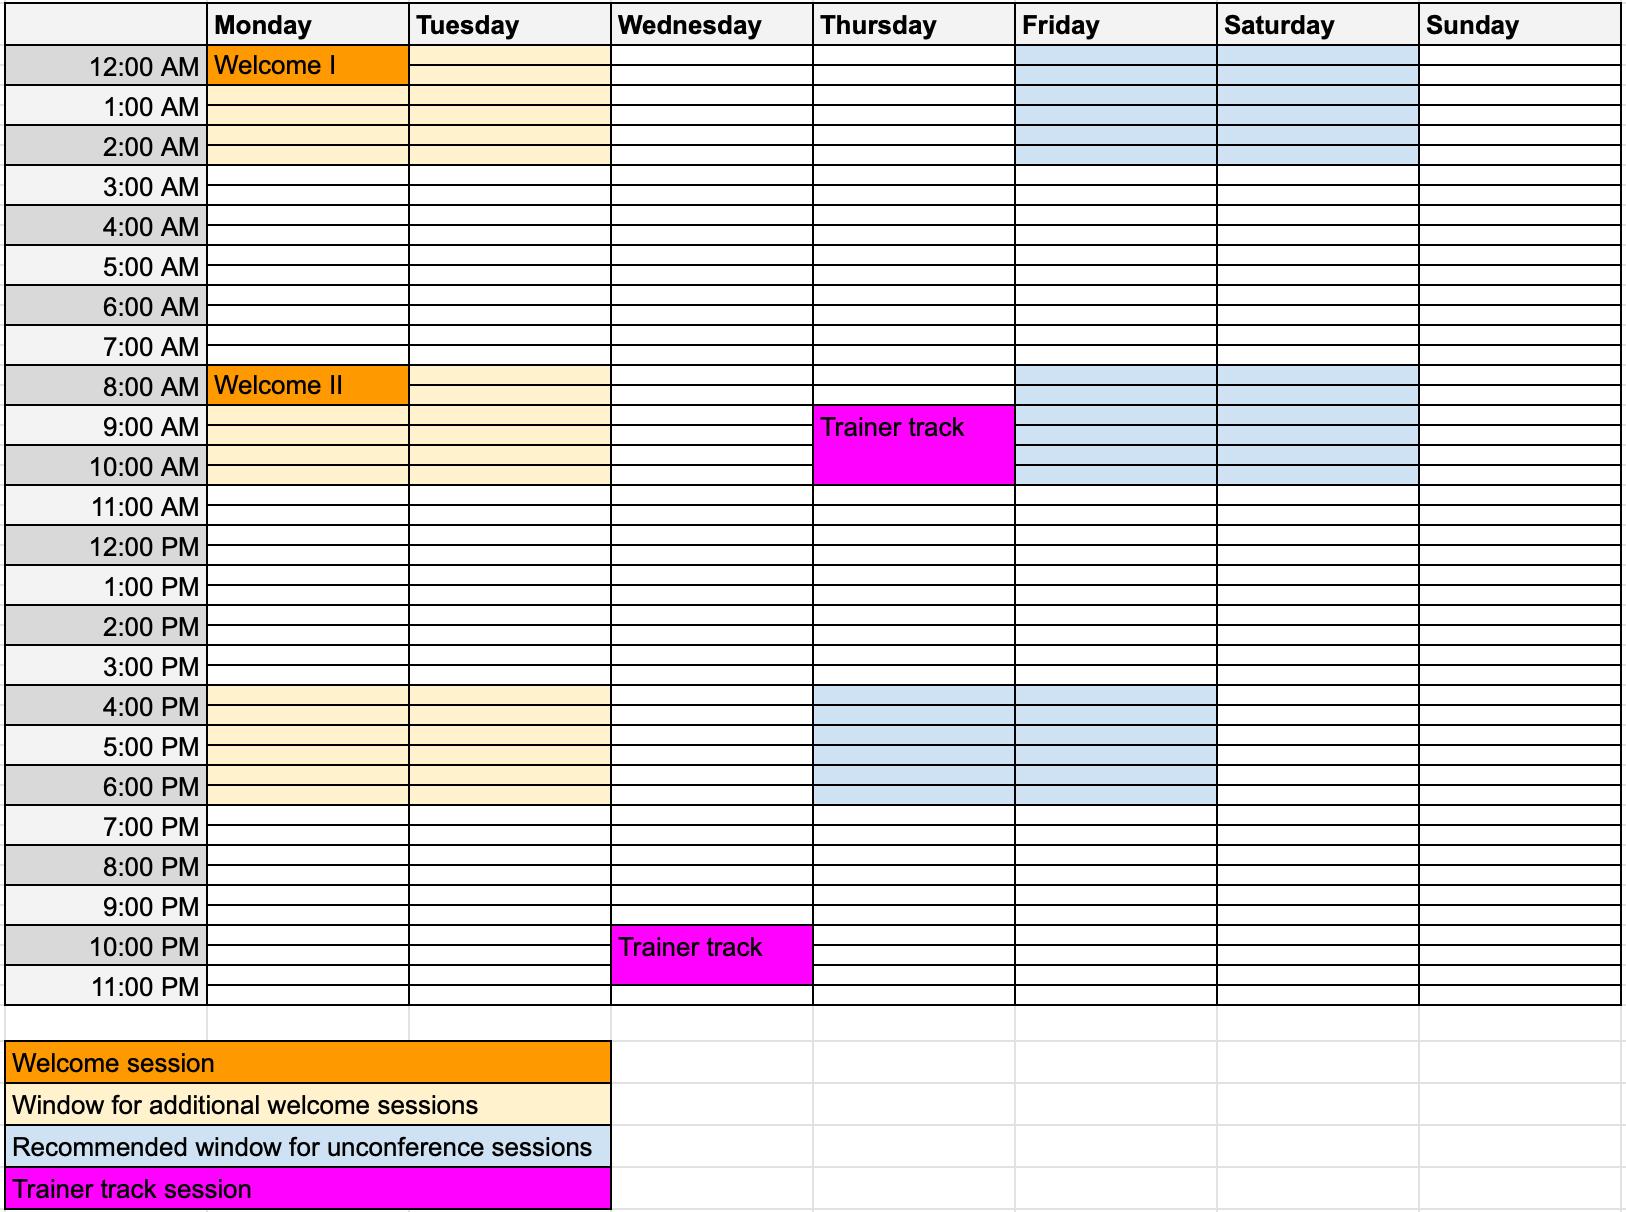 OFU19 schedule